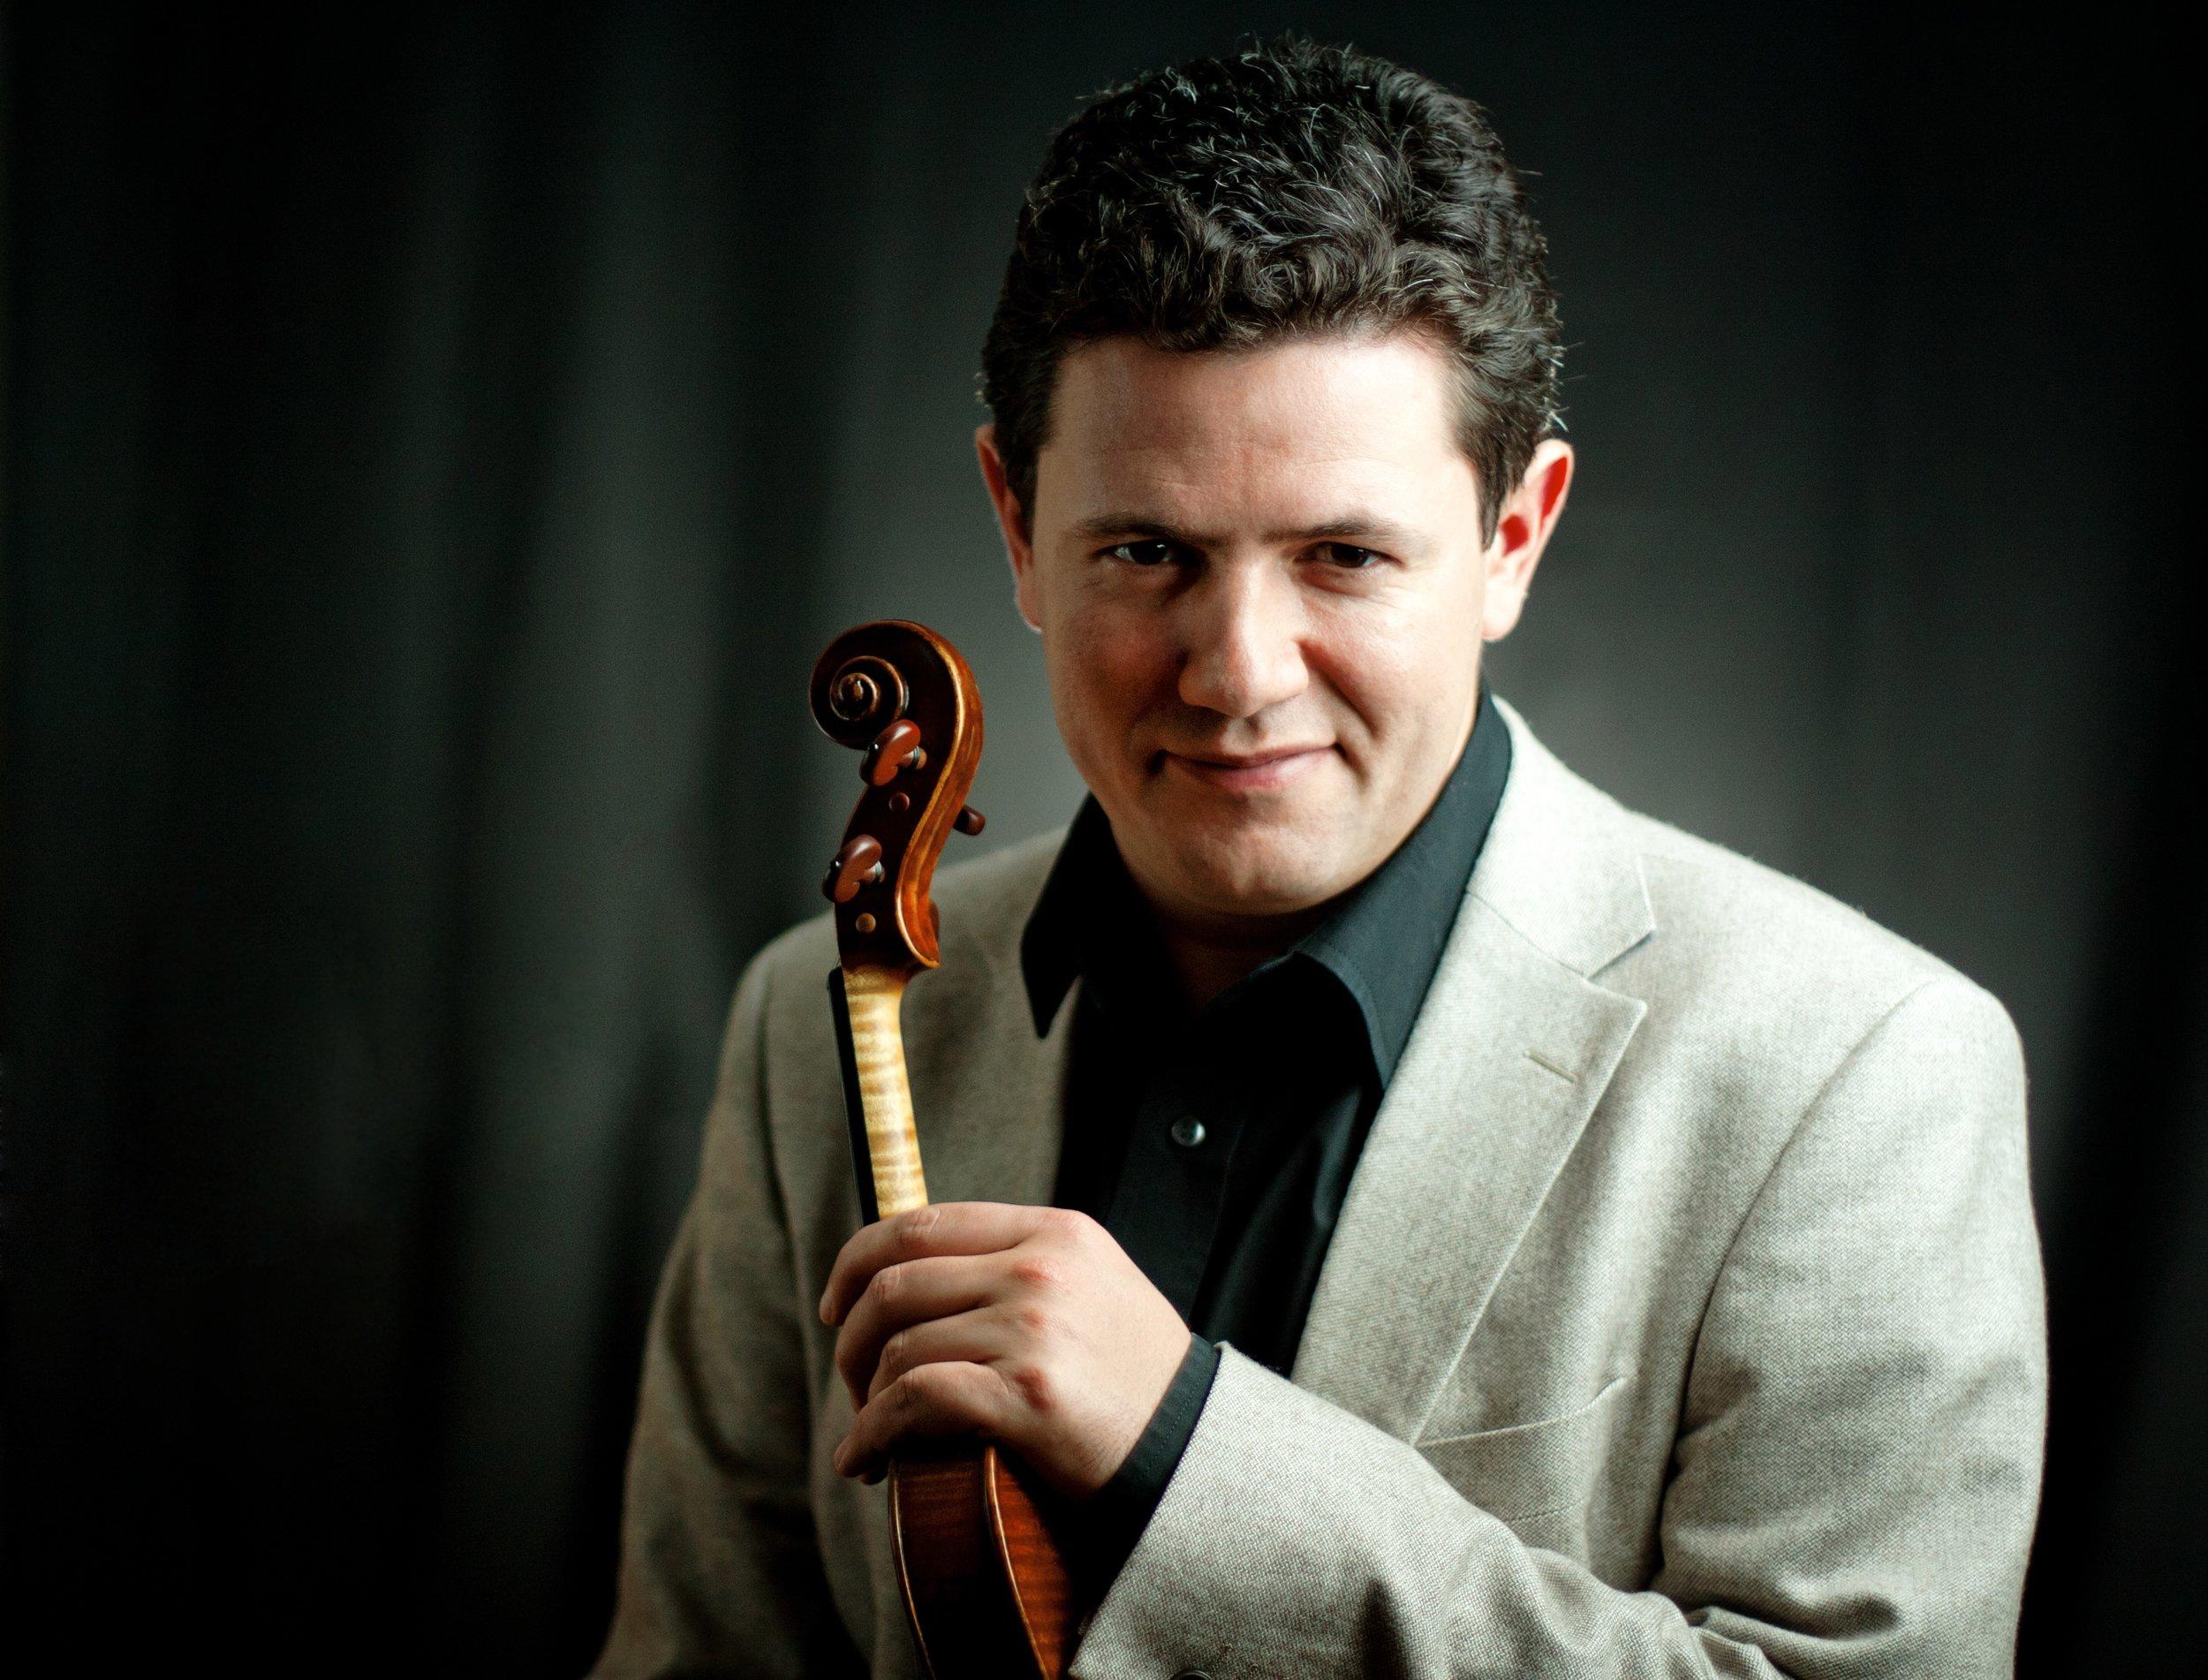 Prof. Anton Sorokow - 1. Konzertmeister der Wiener SymphonikerUniv. Prof. an der Universität für Musik und darstellende Kunst Wien